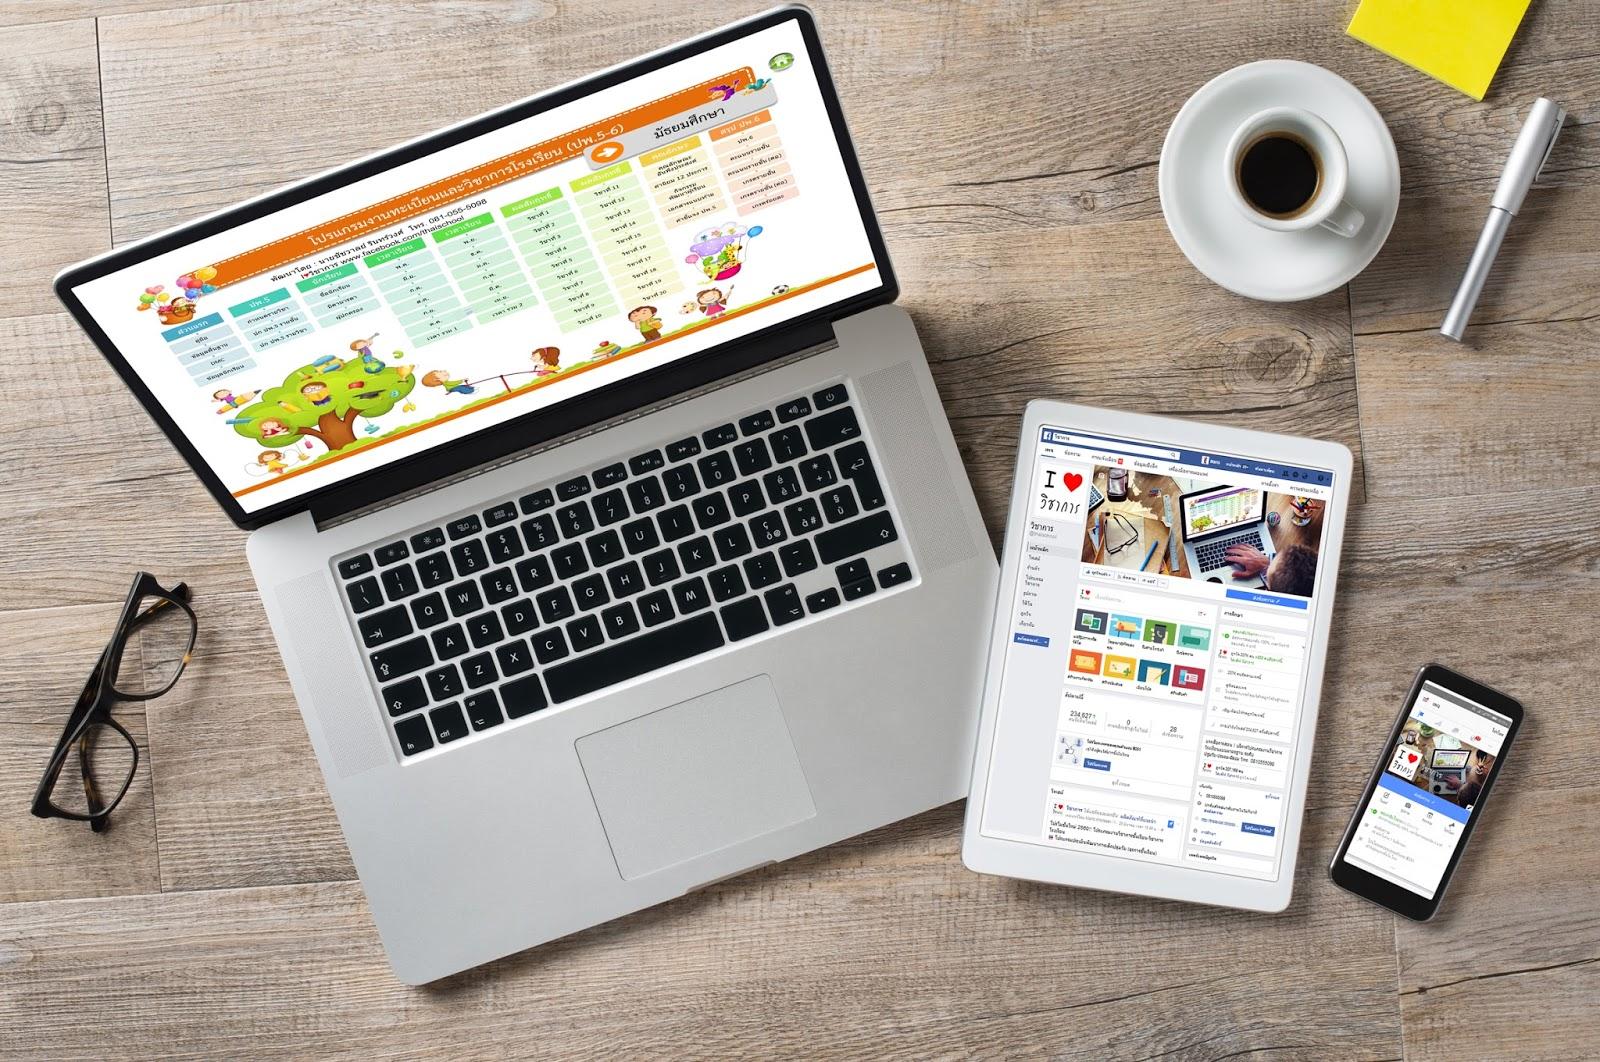 Giáo dục trực tuyến: Xu hướng lựa chọn của thời đại